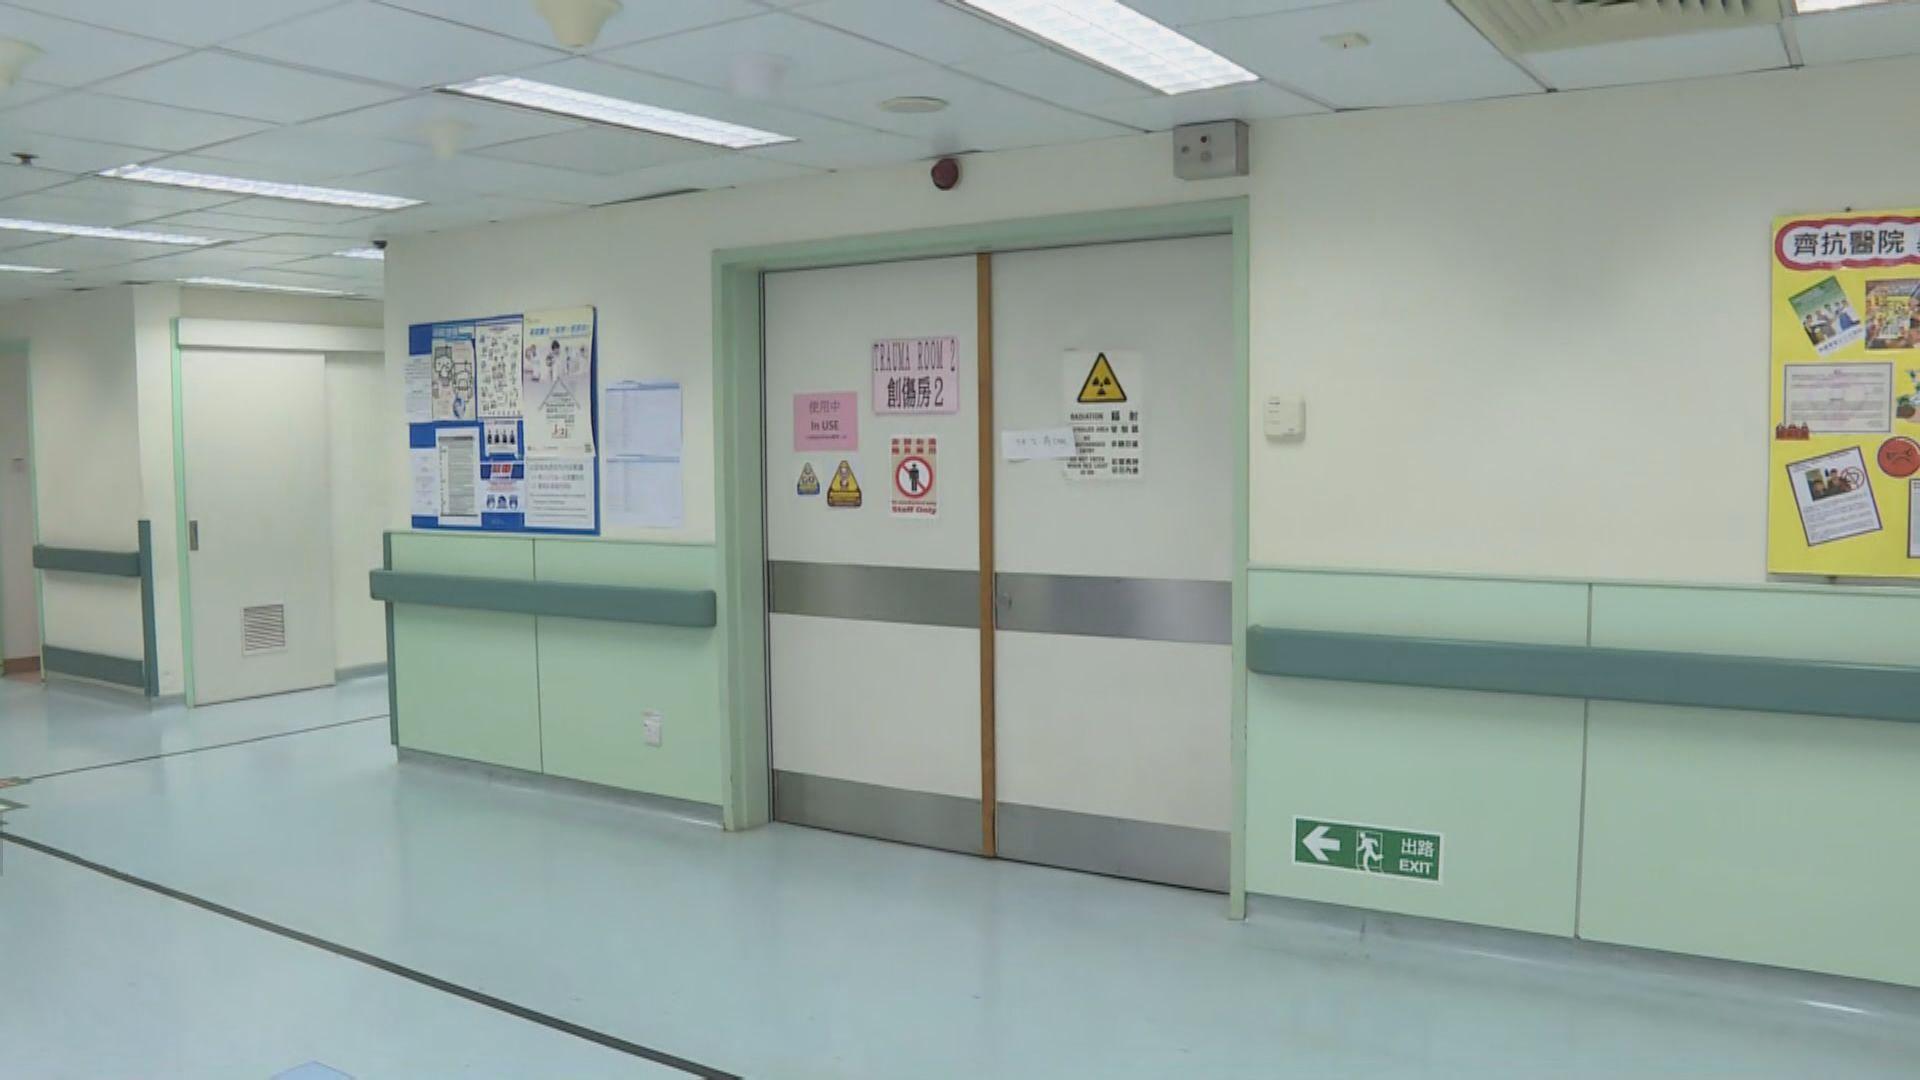 屯門醫院相信院内中央空調系統未受影響